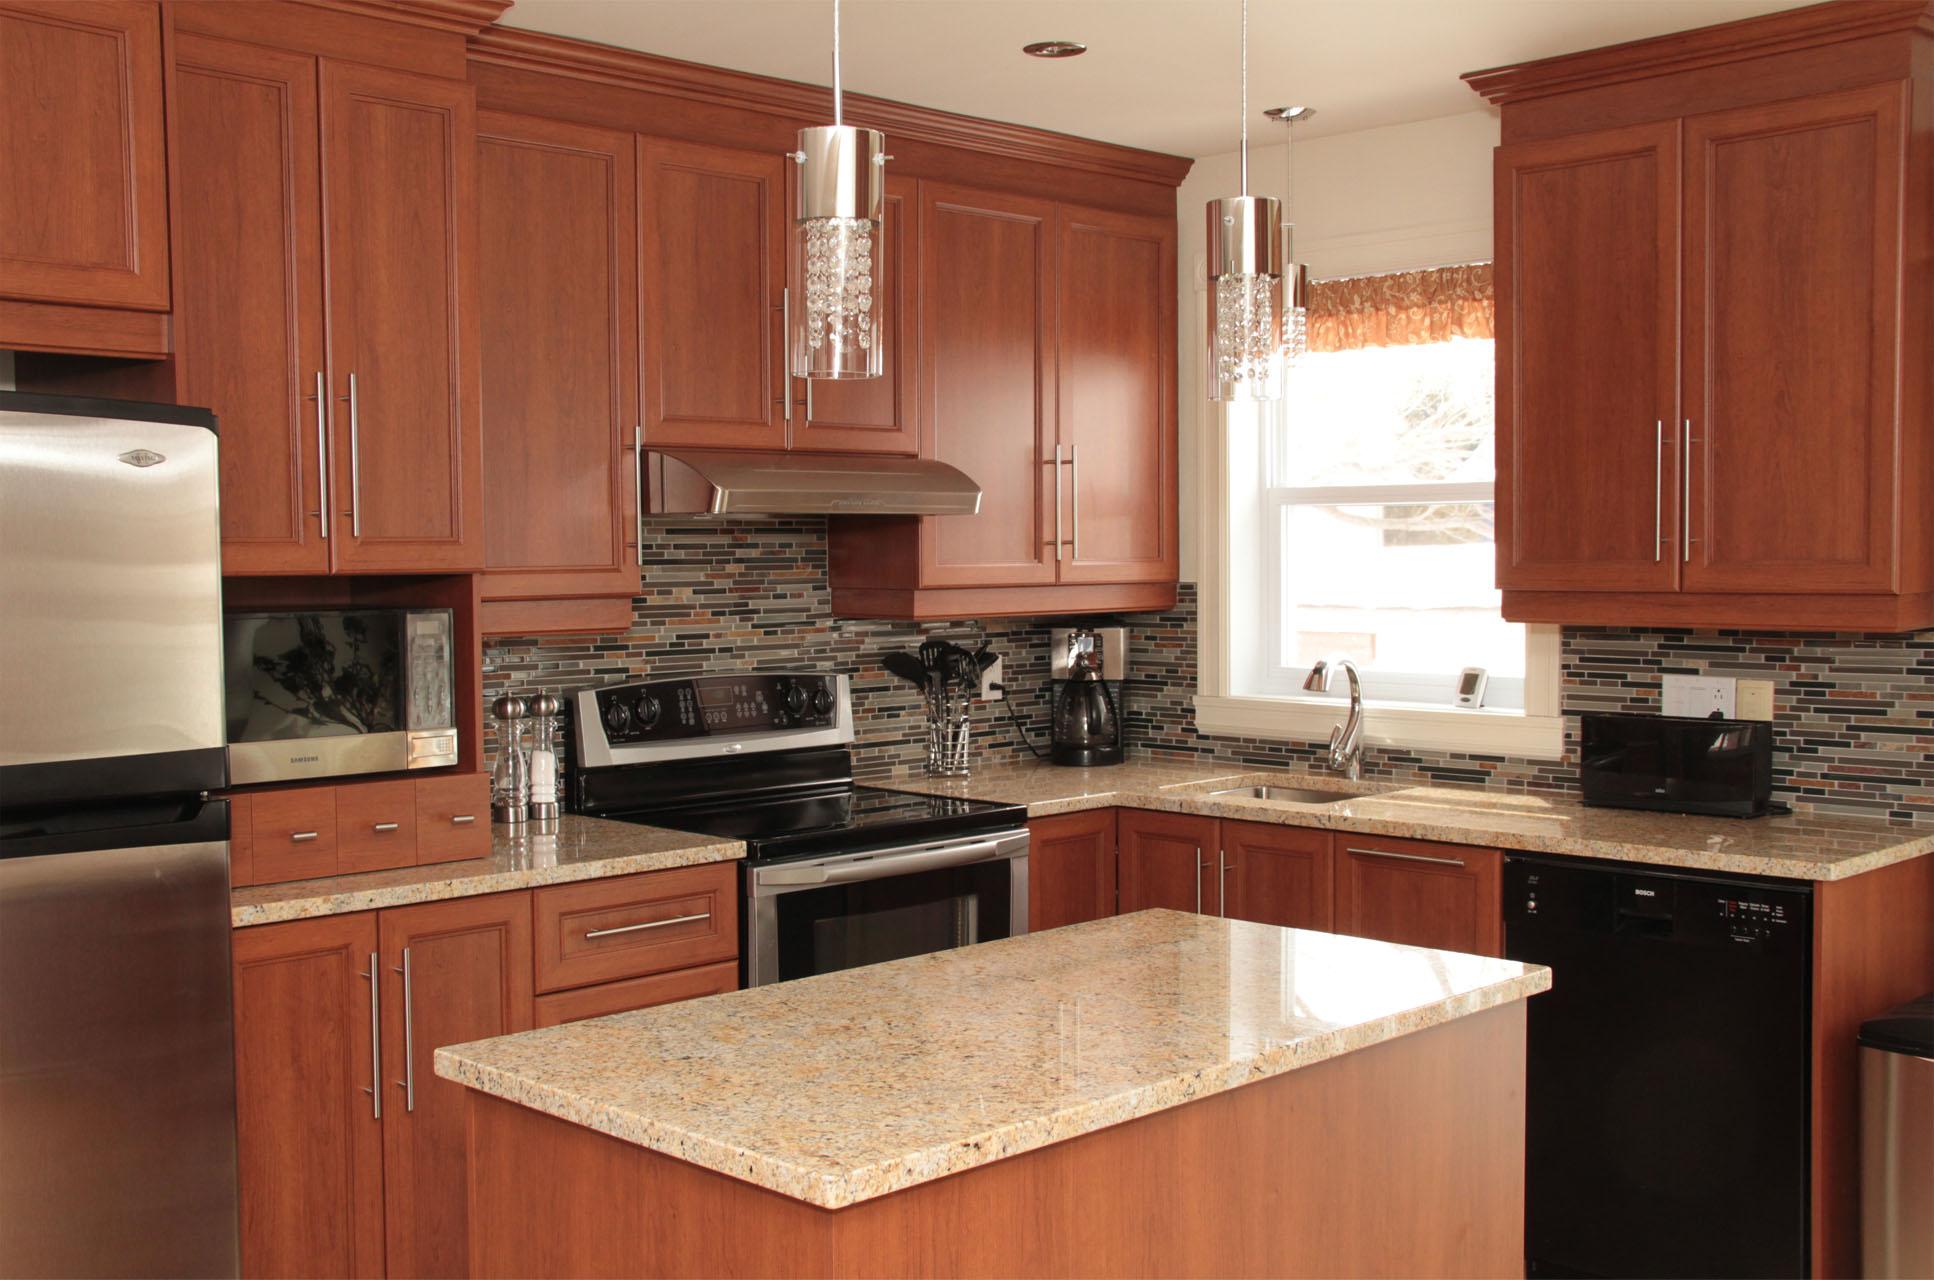 Cuisine mt armoires de cuisine de polyester for Armoires de cuisine en bois